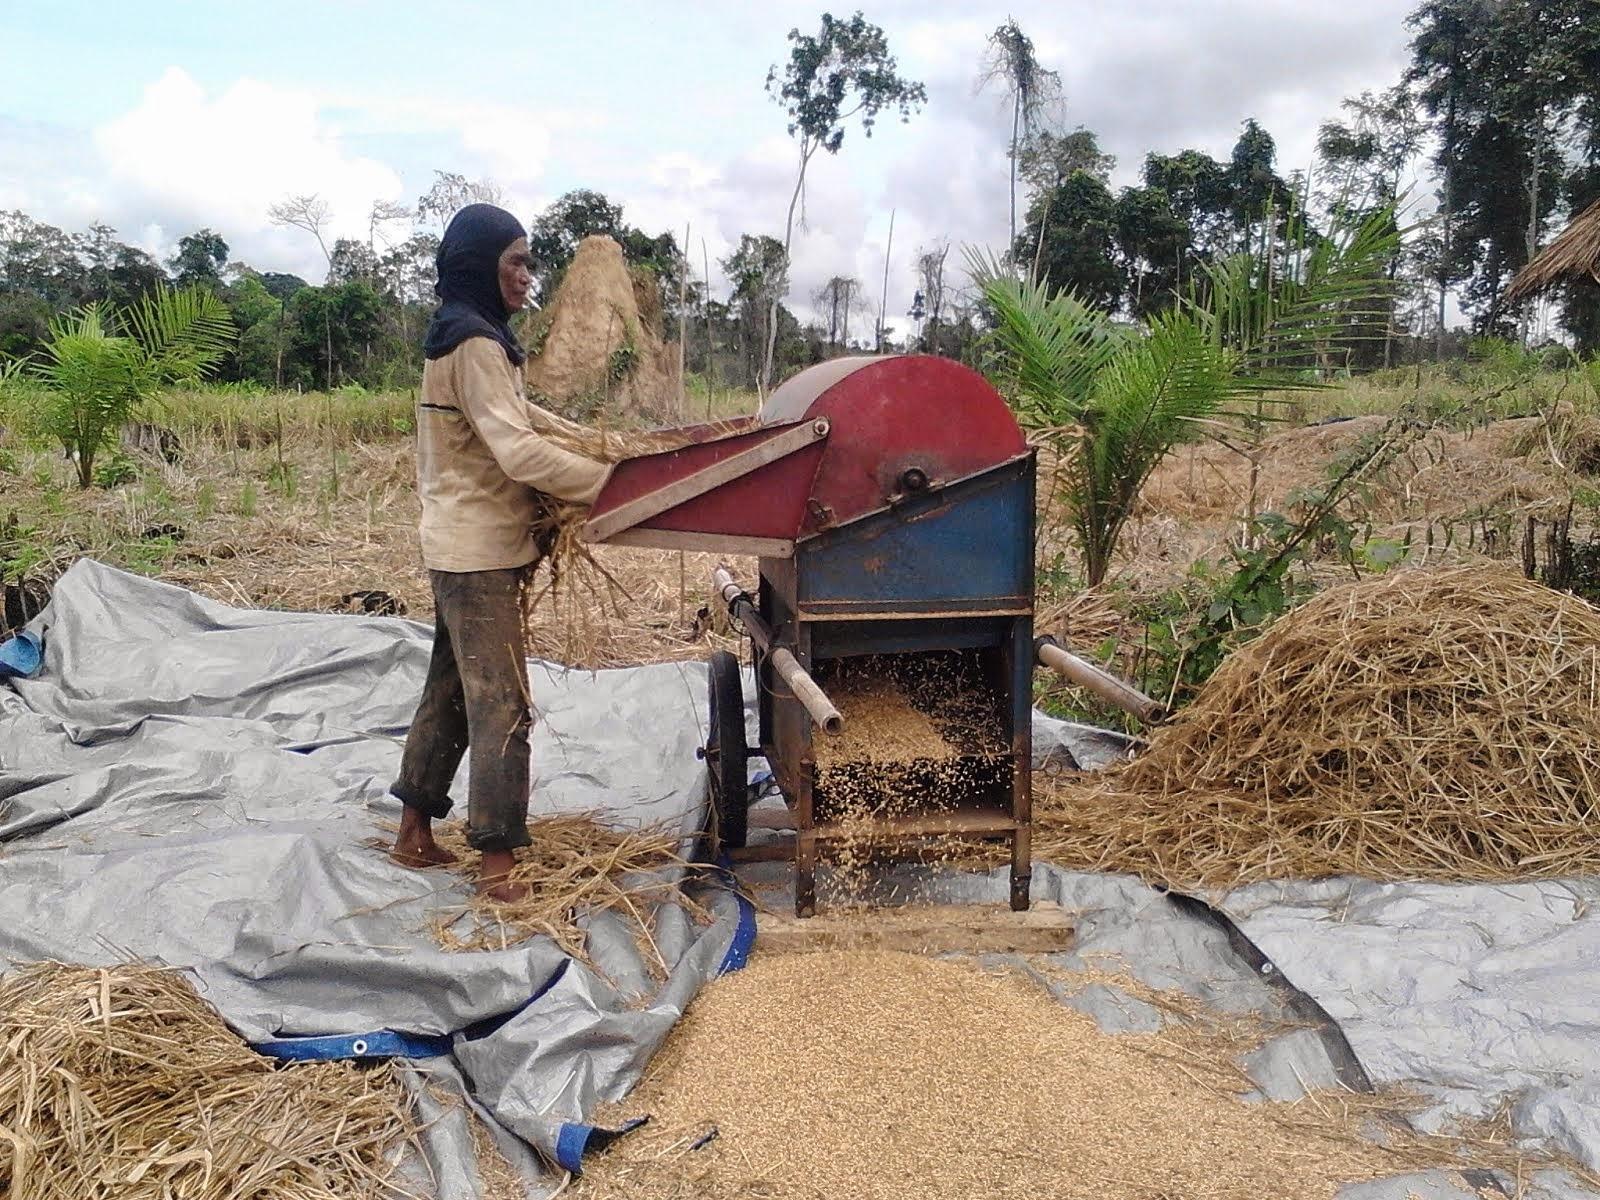 Panen menggunakan mesin perontok padi di desa Saing Prupuk